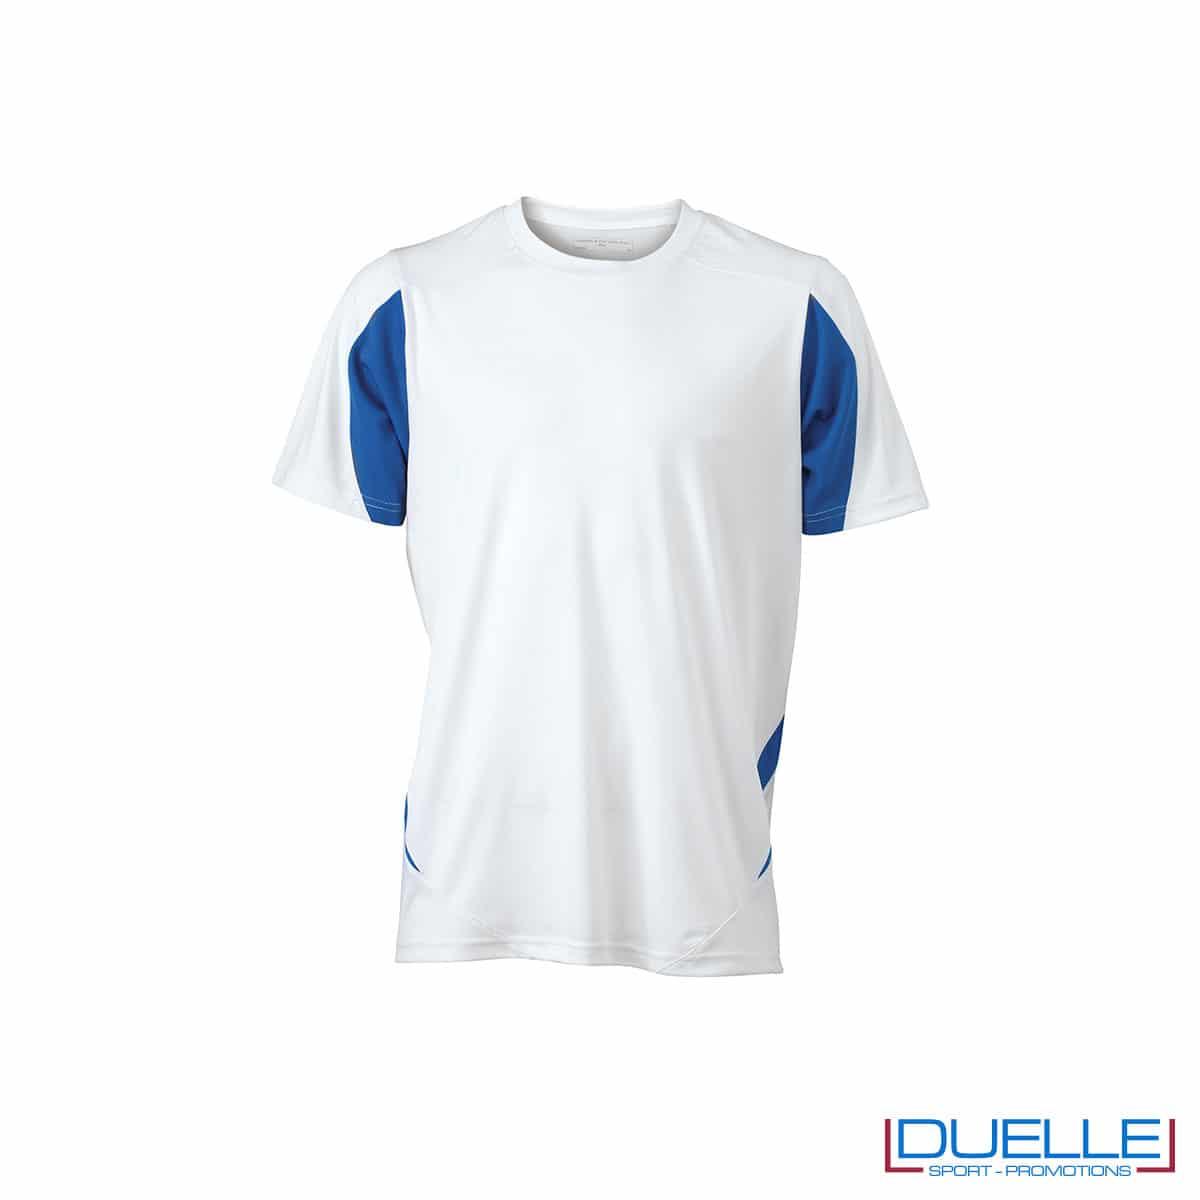 Maglia calcio colore bianco-blu navy promozionale